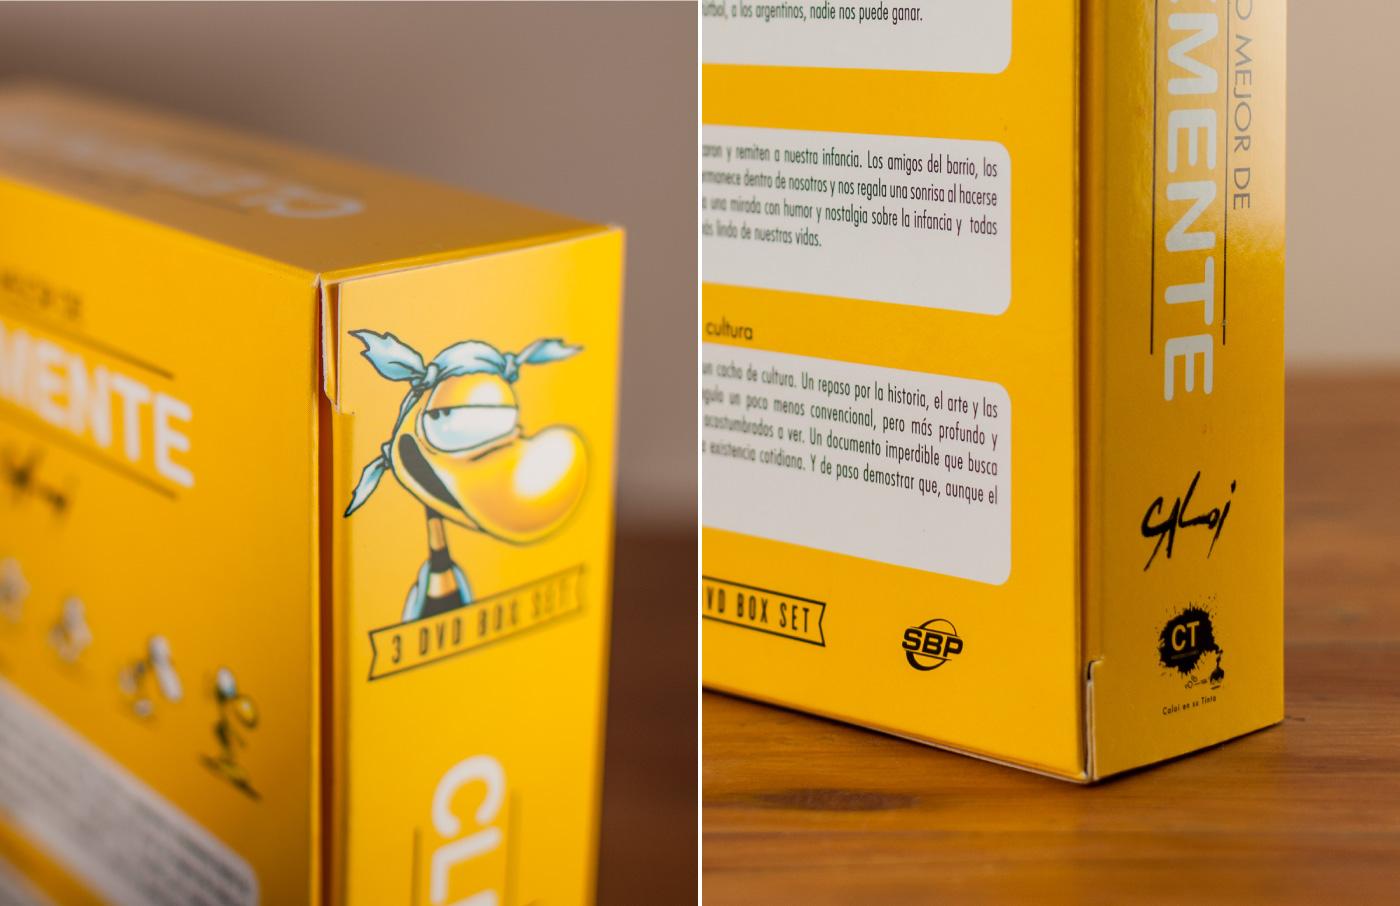 Clemente - DVD Box